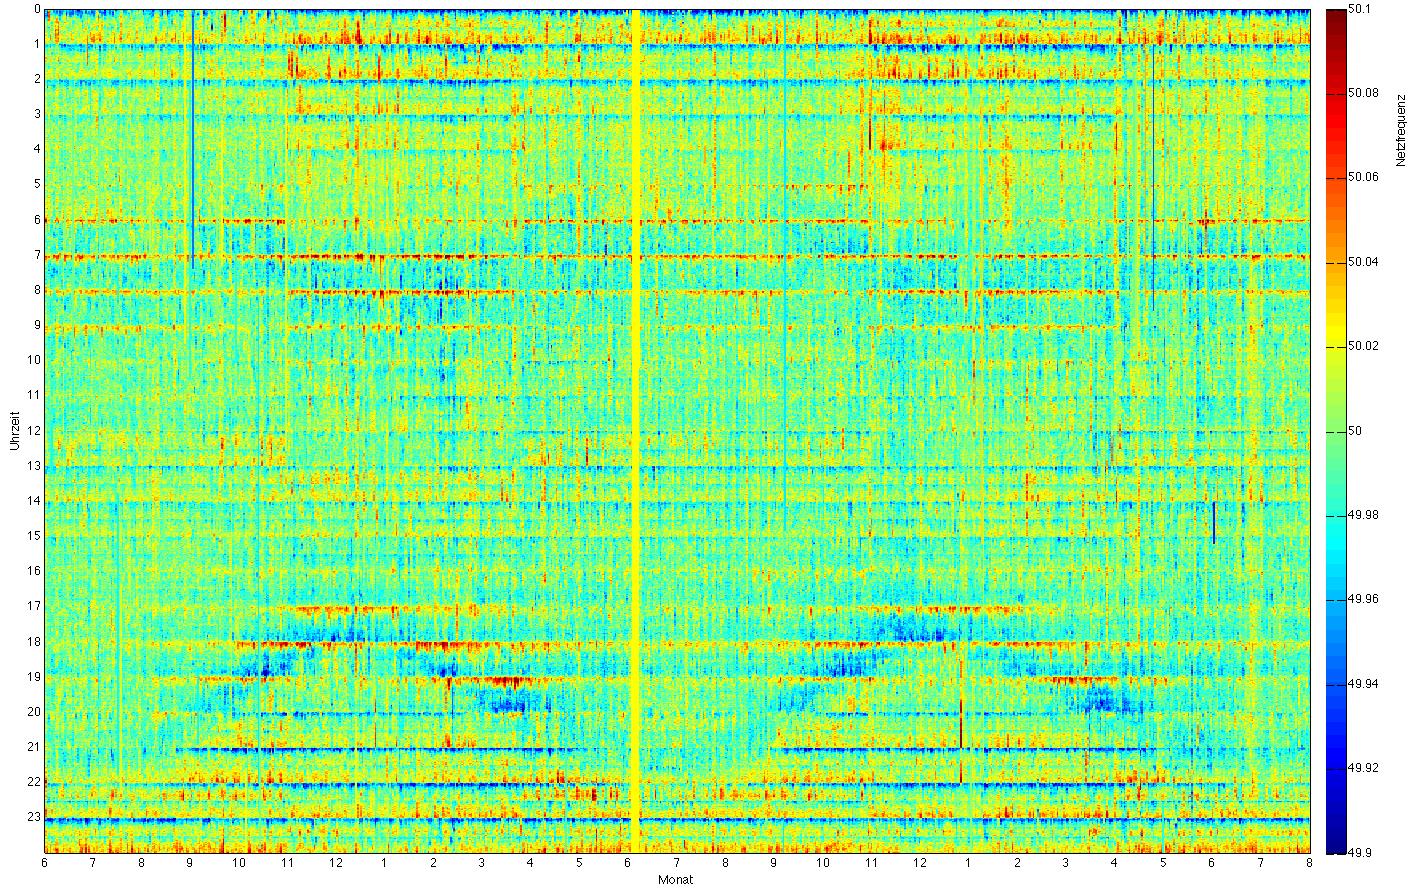 Rasterdiagramm des Netzfrequenzverlaufes von Juni 2011 bis Juli 2013